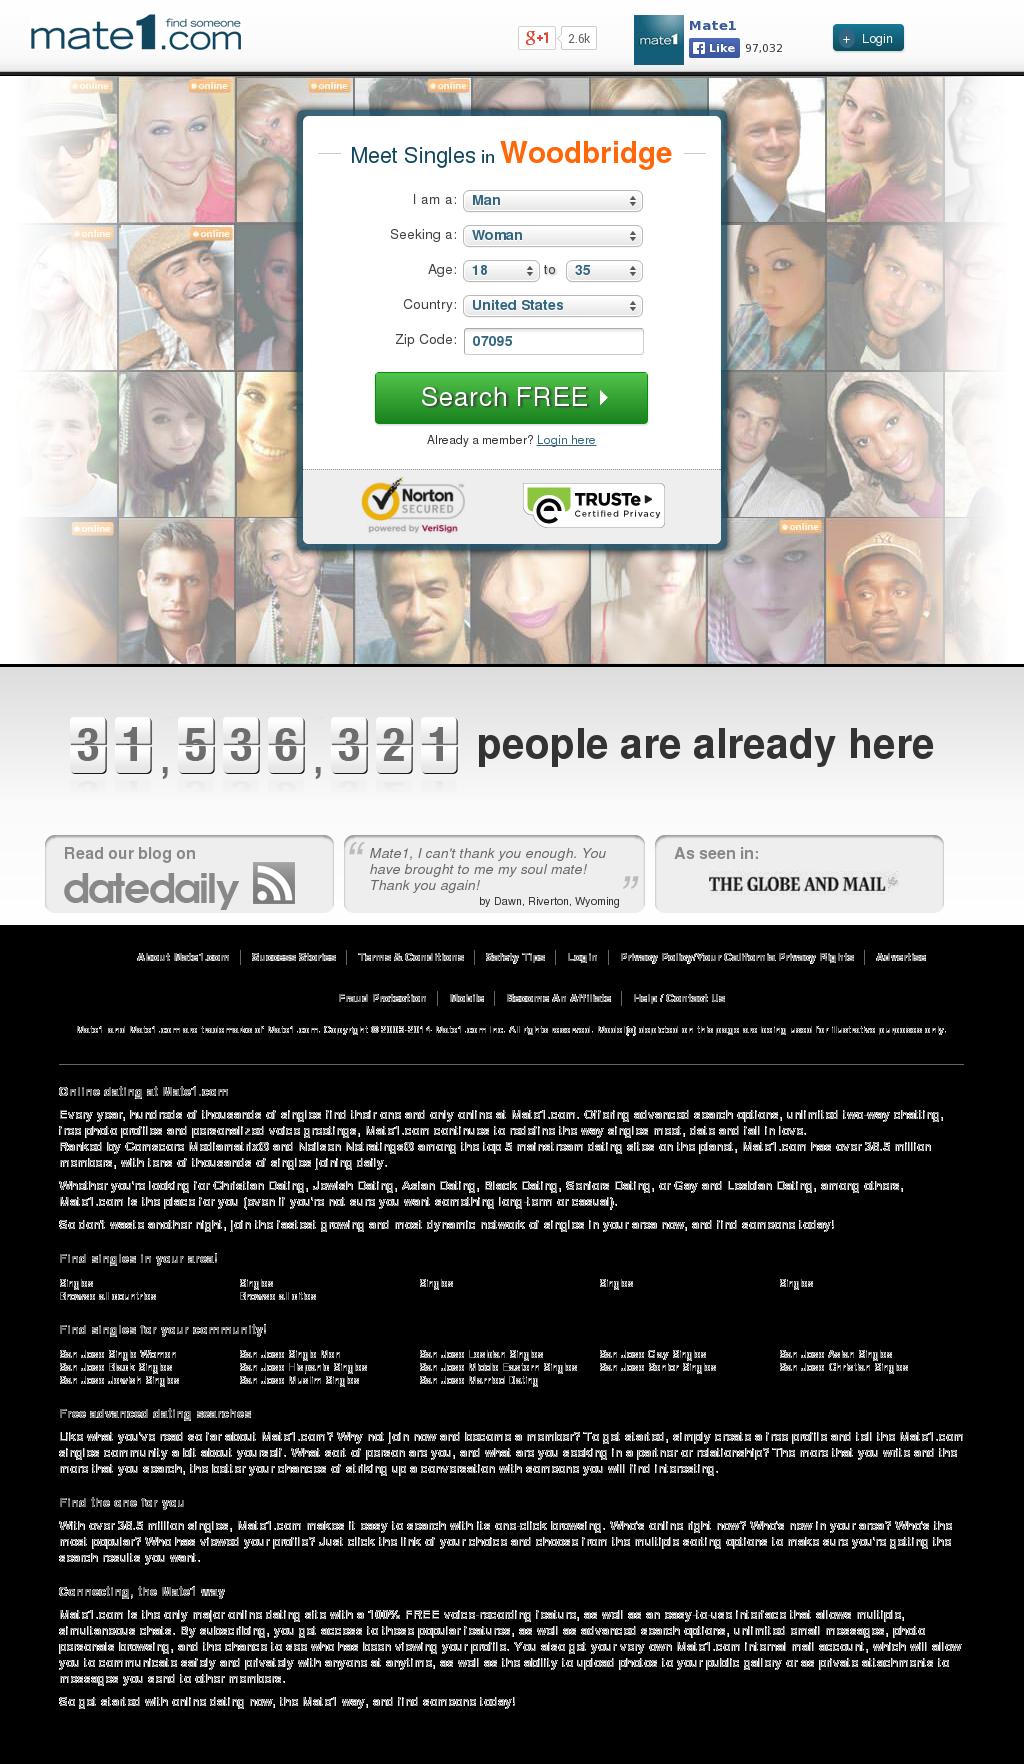 Mate1 com member login